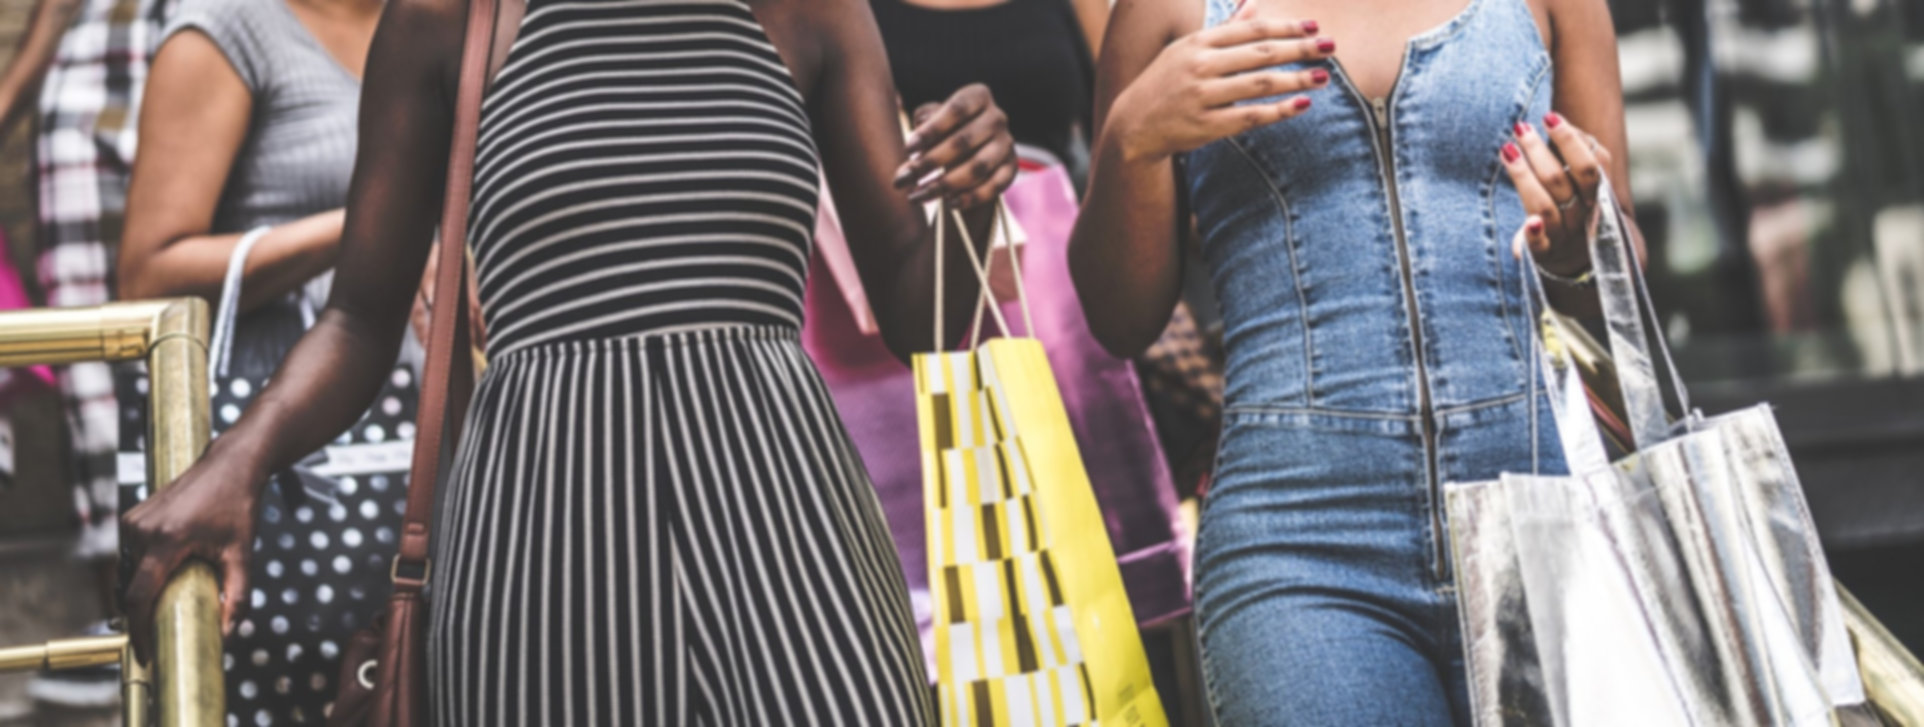 Shopping_Sisterhood_alt.jpg